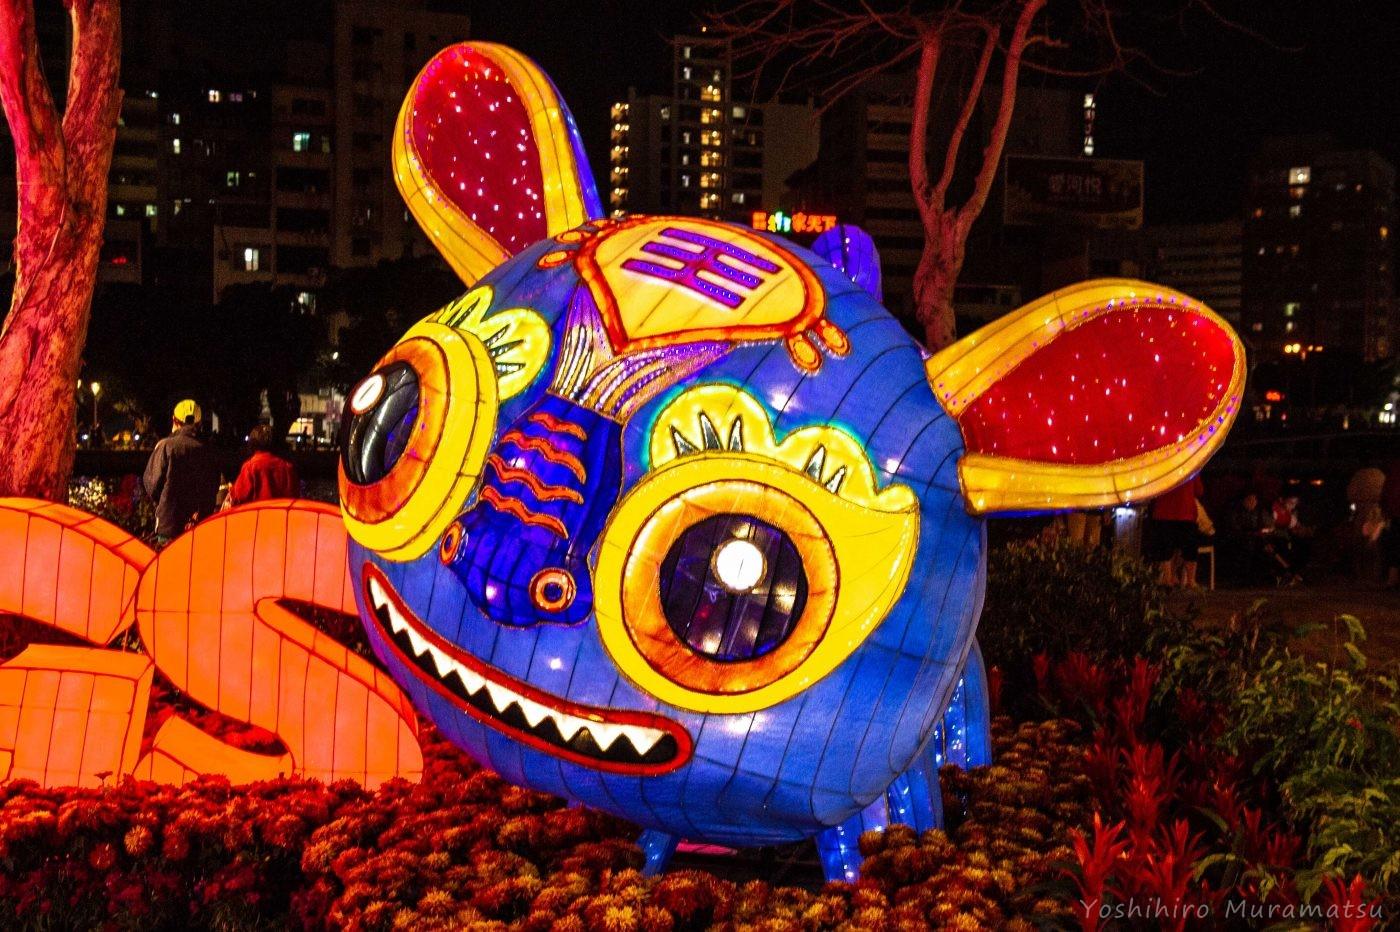 祭りの風景。何かの動物のような光るオブジェ。